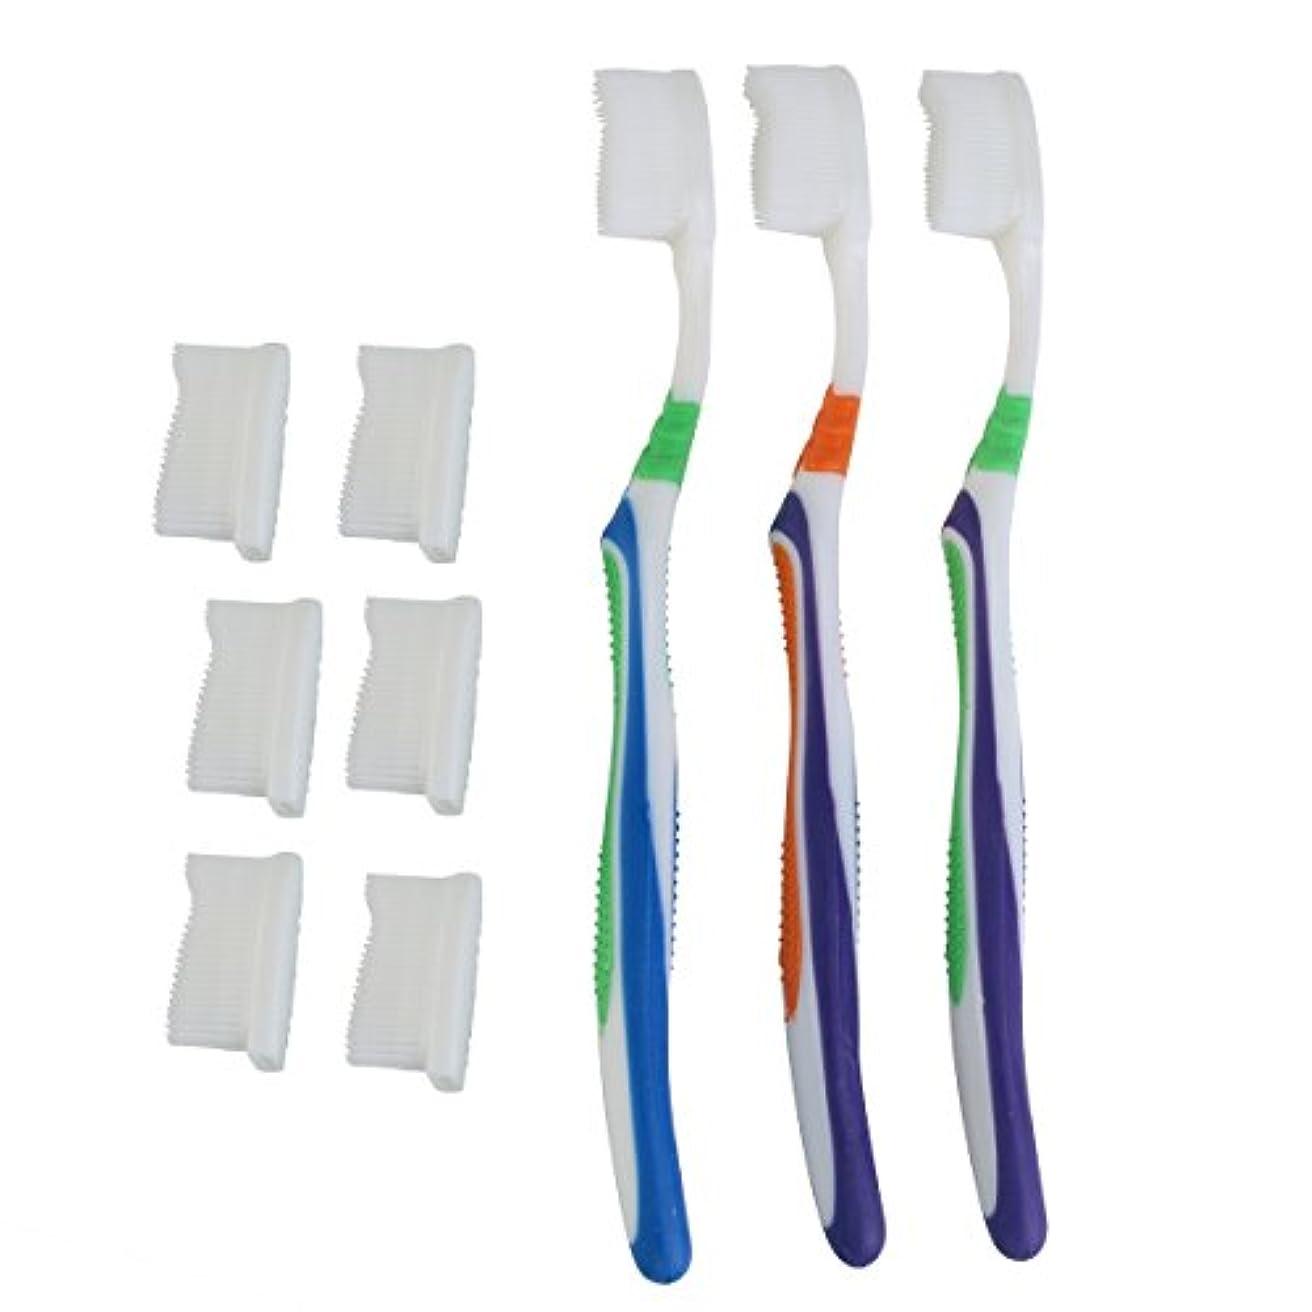 ネクタイ強調する小説TOPBATHY 子供と大人のための歯ブラシの頭の代わりとなる柔らかい歯ブラシ(ランダムカラー)